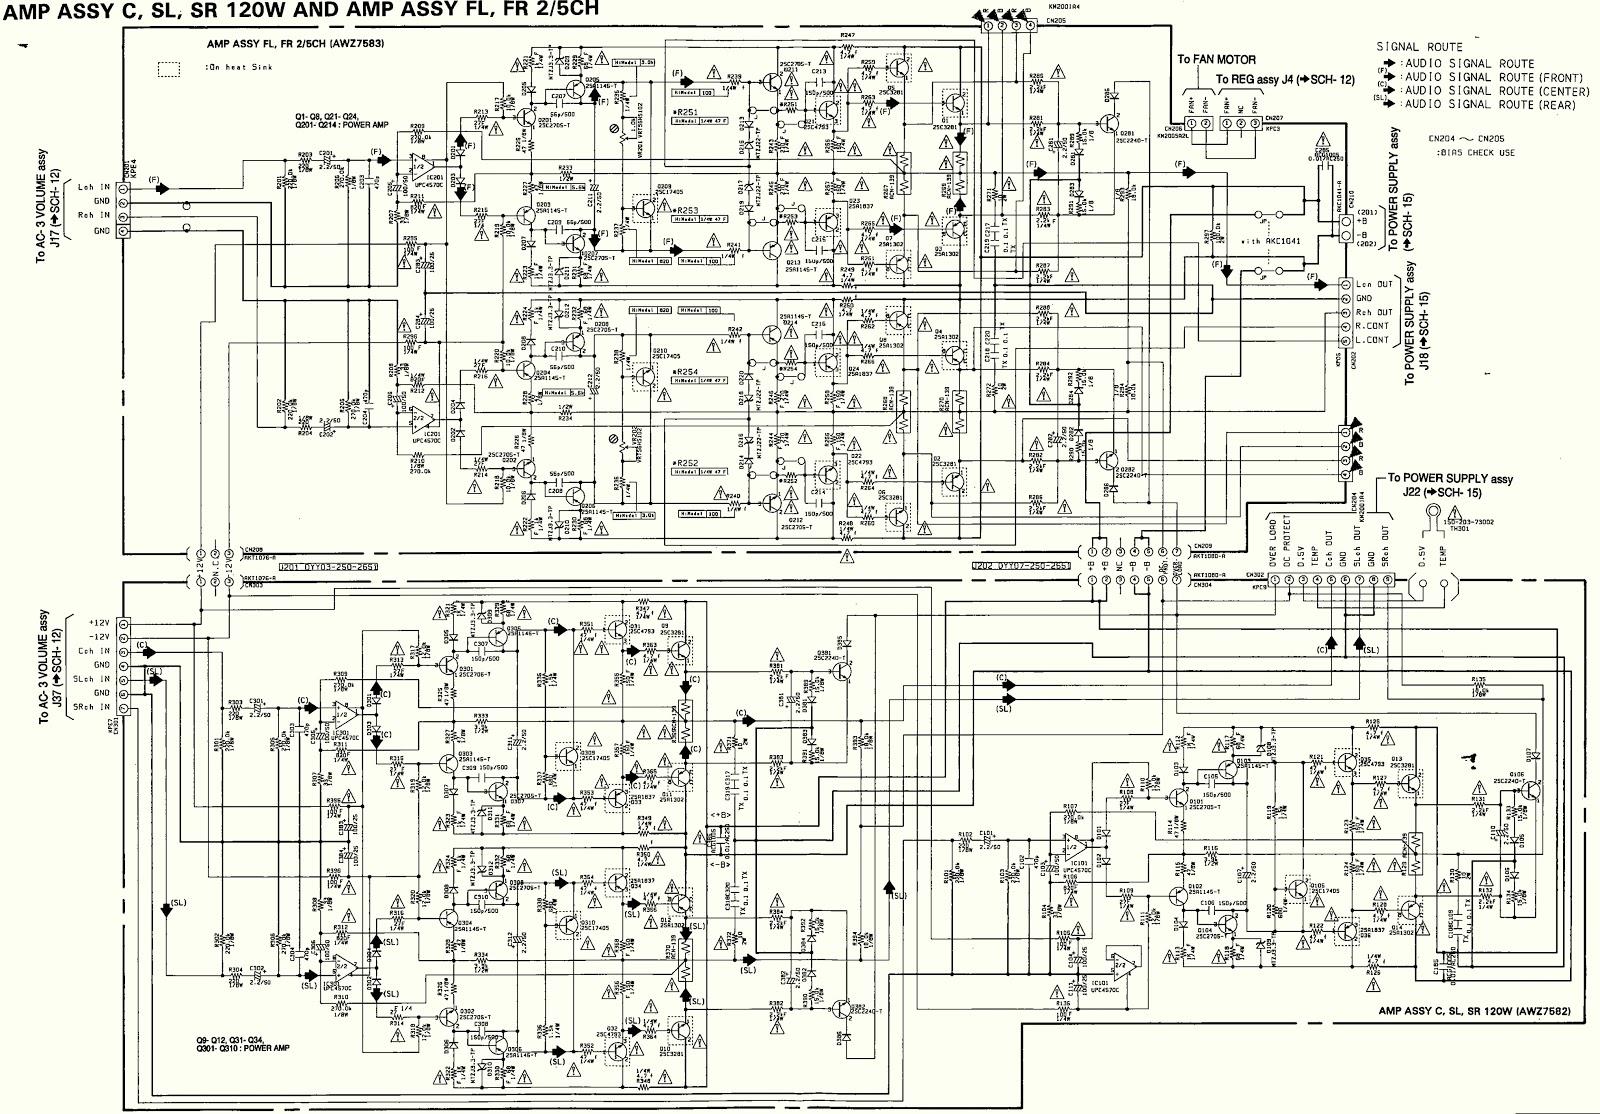 medium resolution of pioneer deh 24ub stereo wiring diagrams pioneer deh 73bt pioneer avh p4000dvd wiring schematic pioneer wiring harness schematic